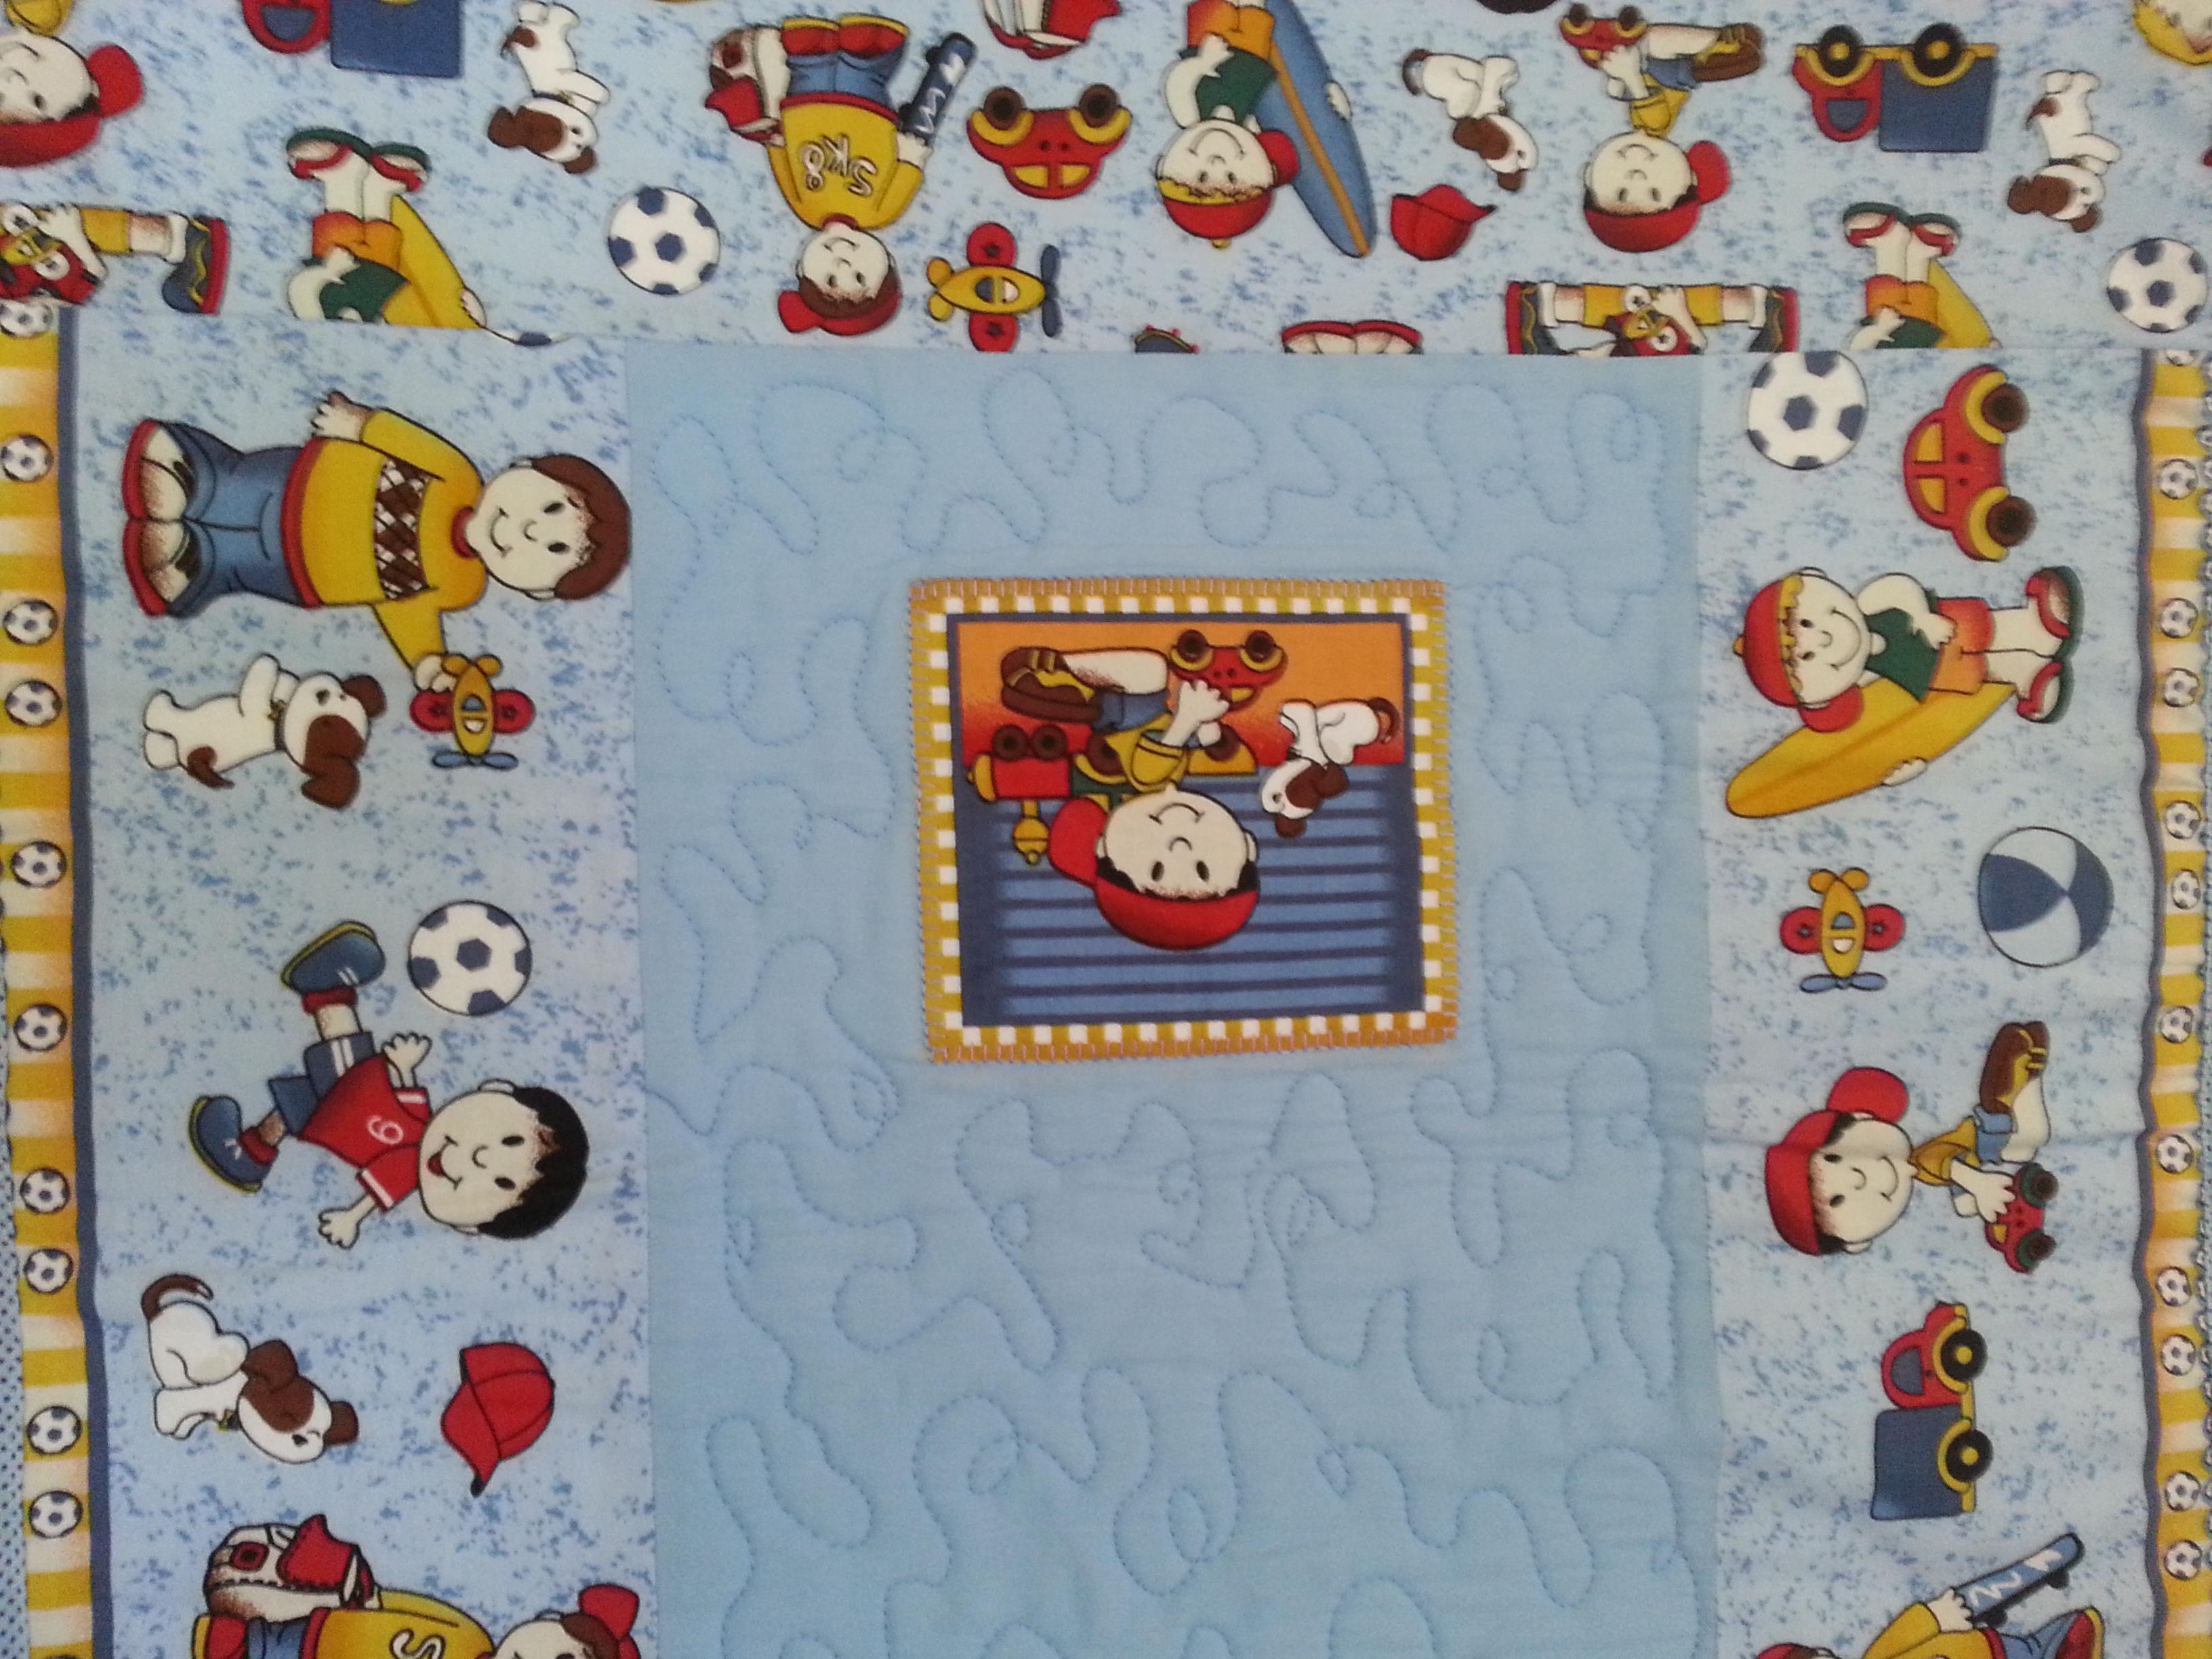 Tapete Para Quarto Infantil Safari ~ Tapete Para Quarto Infantil Jpg Pictures to pin on Pinterest